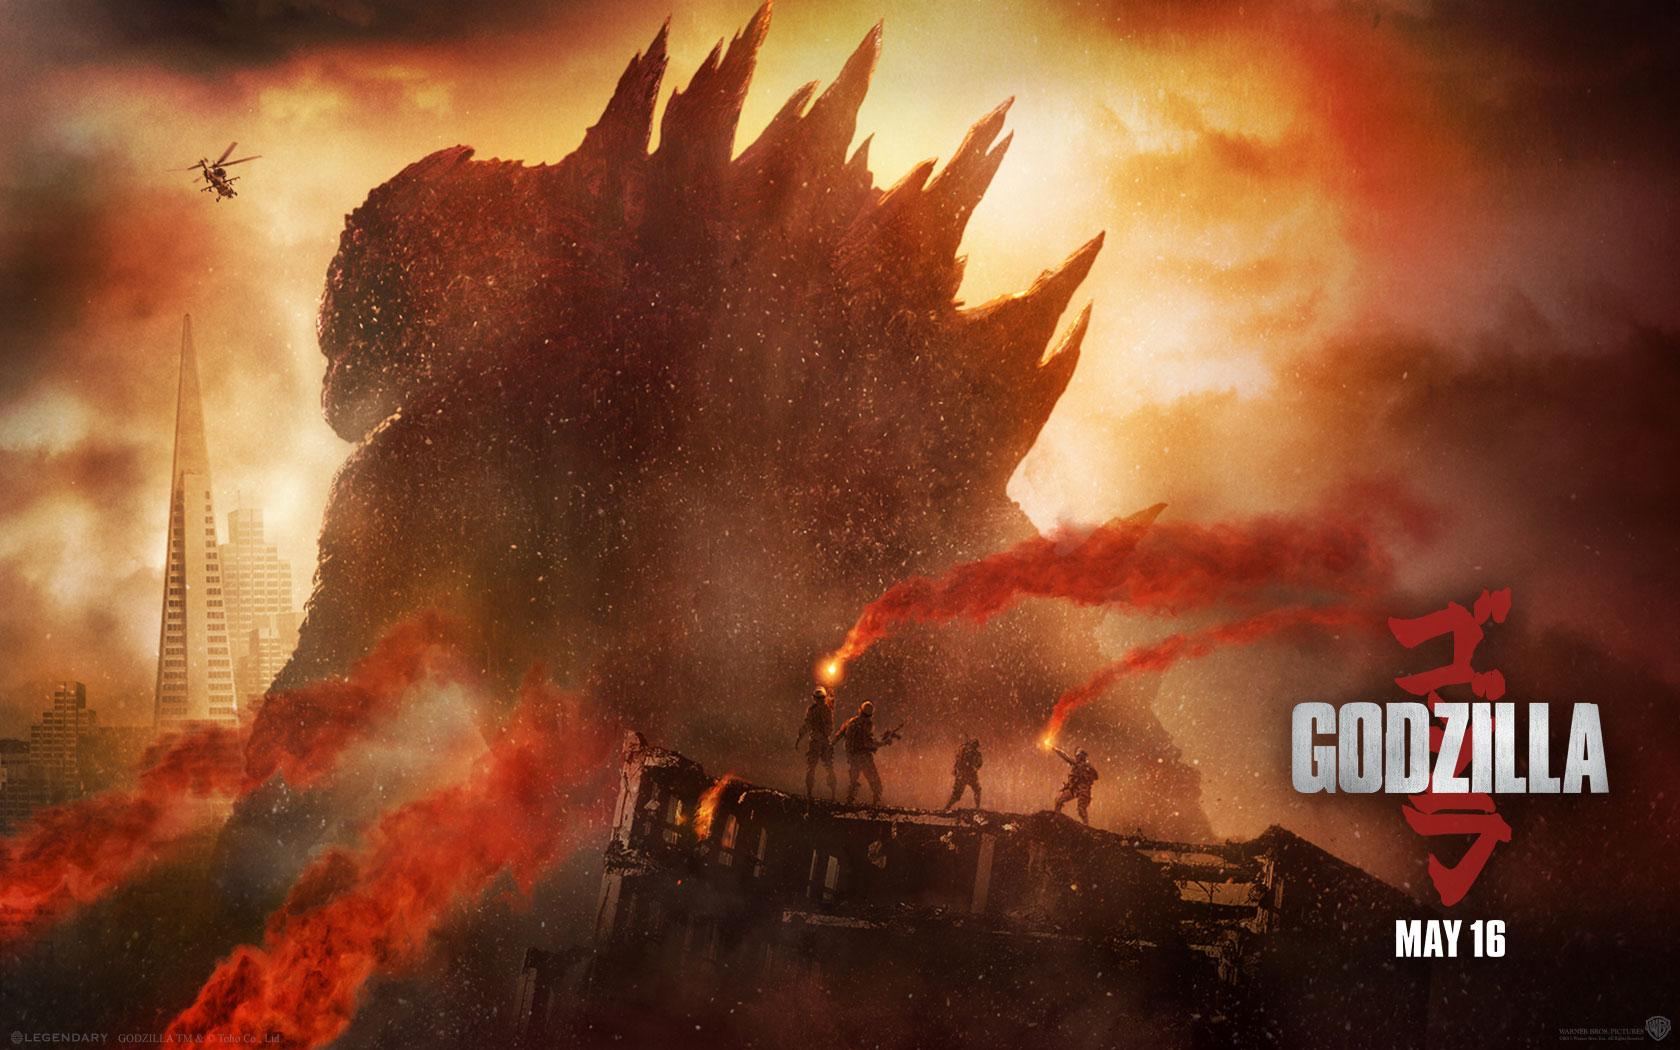 Godzilla Movie 2014 HD iPhone iPad Wallpapers 1680x1050